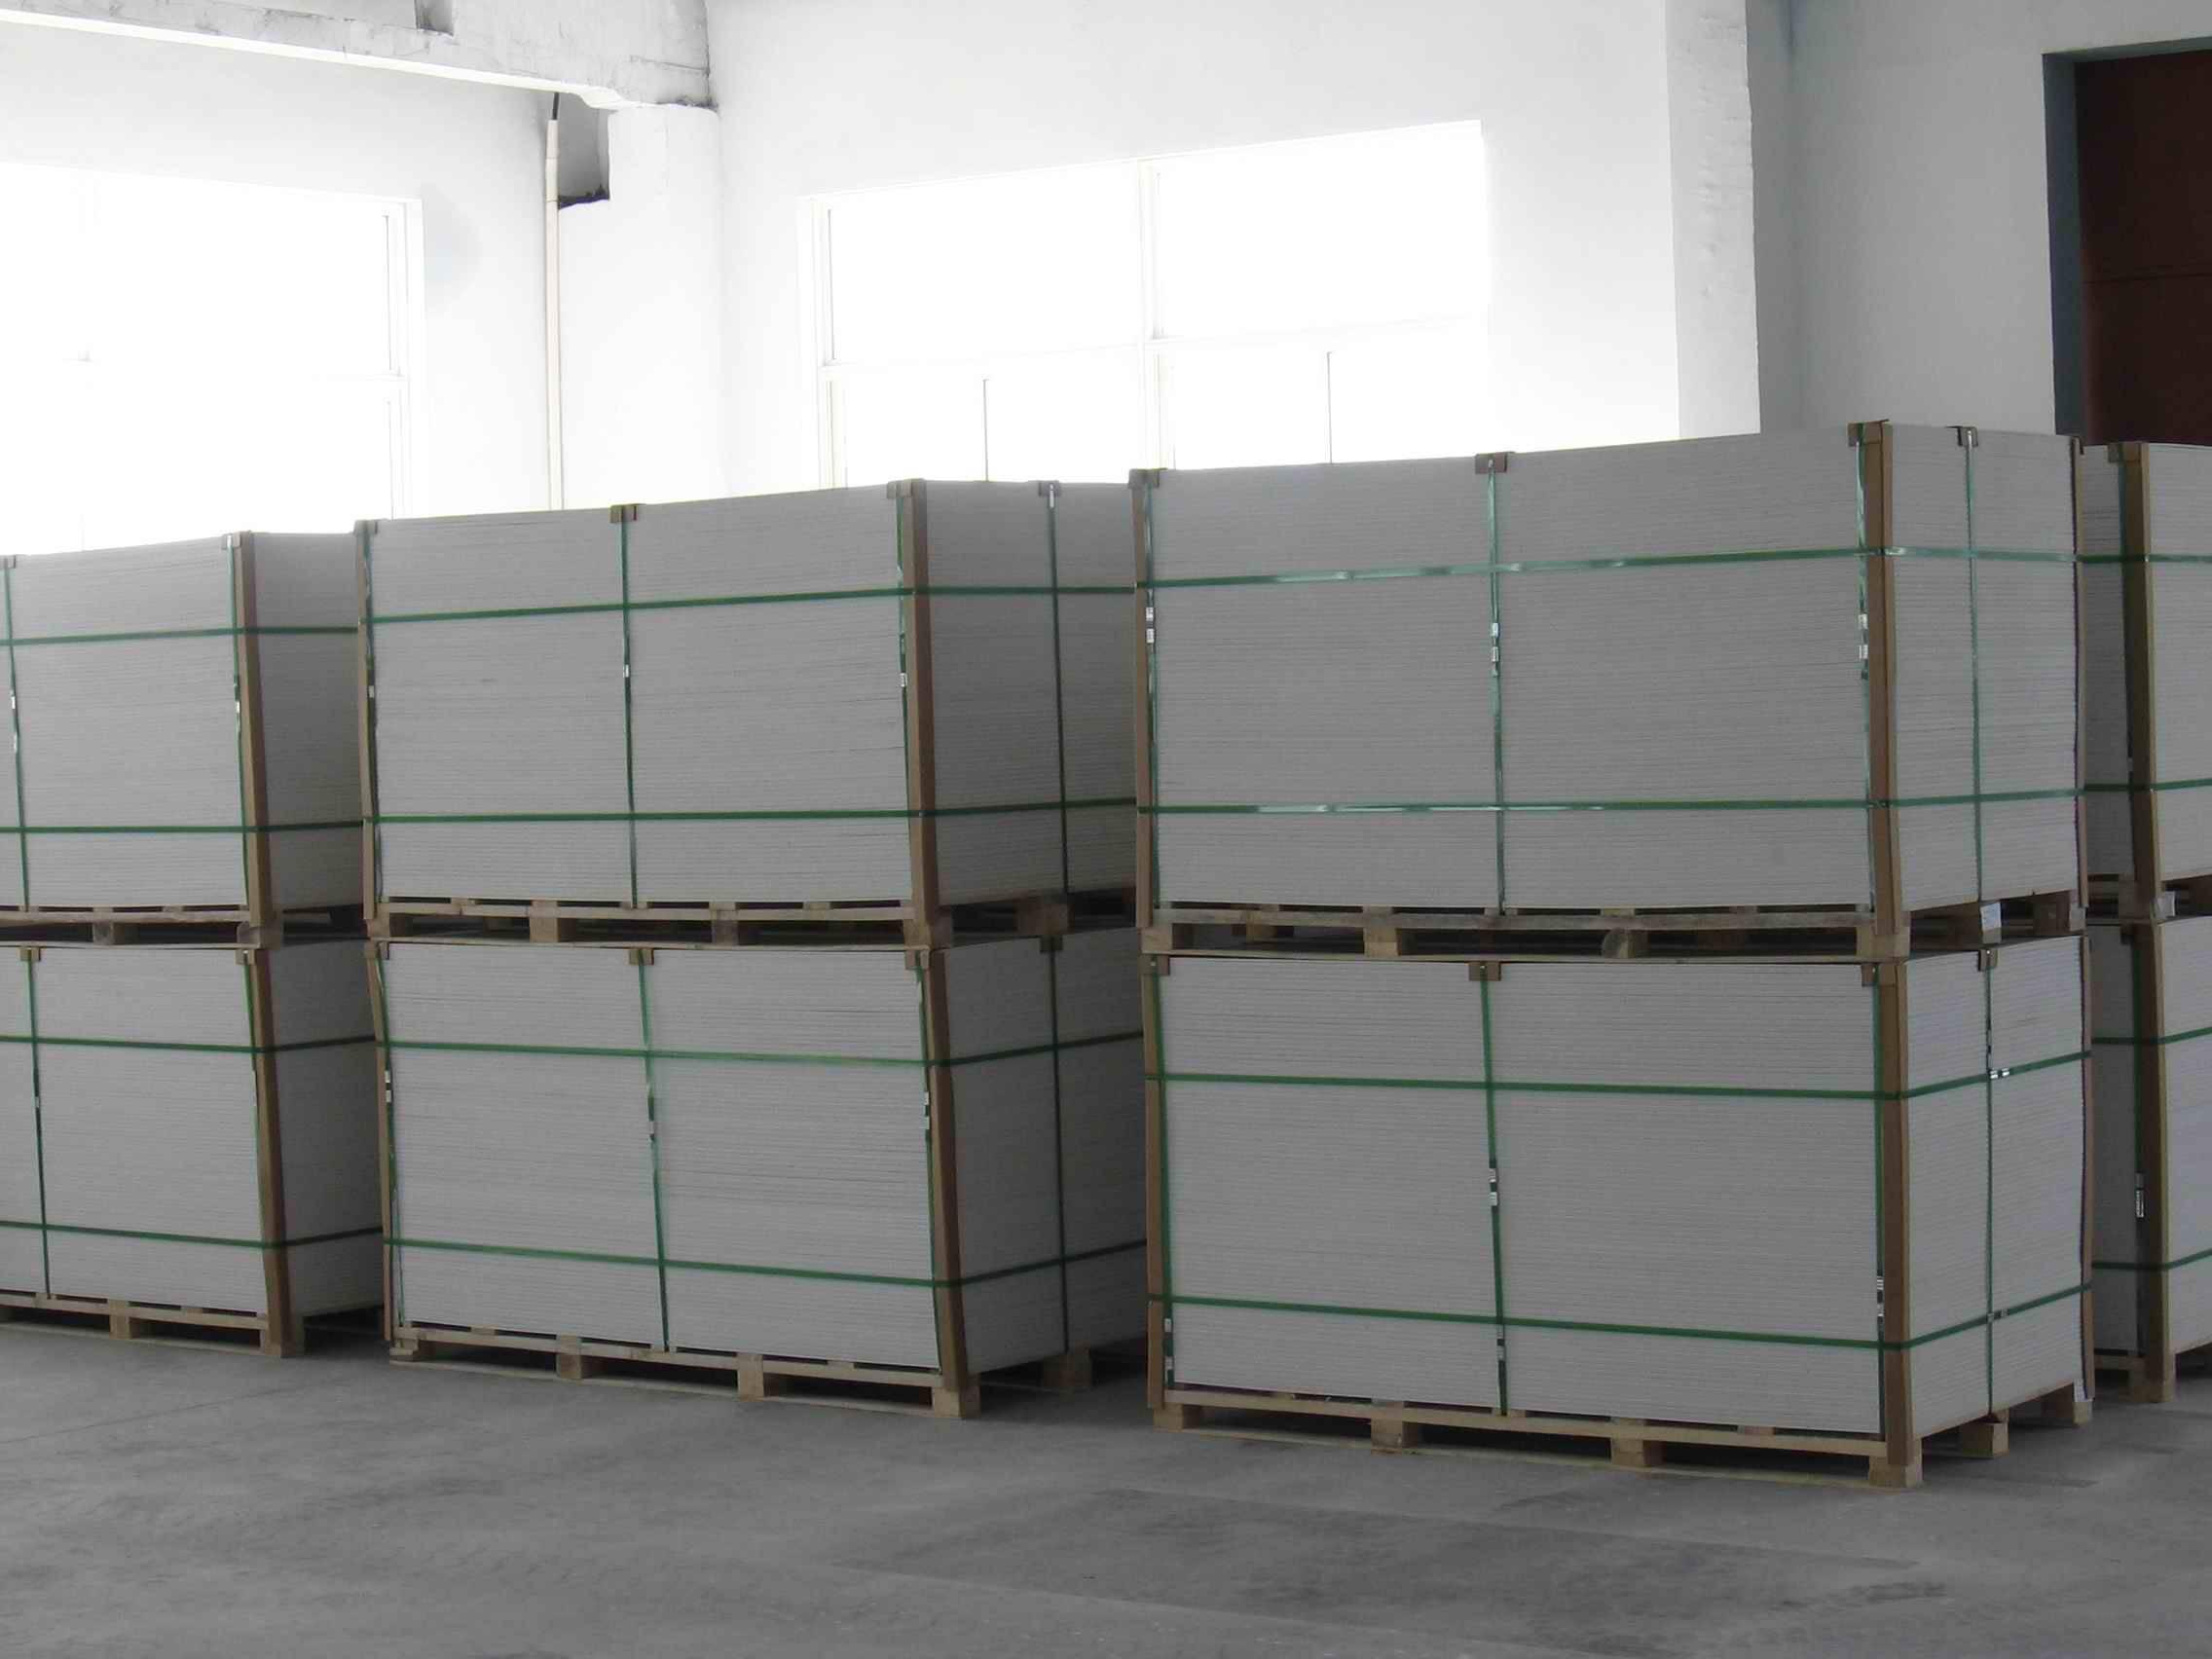 以上是玻镁防火板的详细介绍,包括玻镁防火板的厂家、价格高清图片